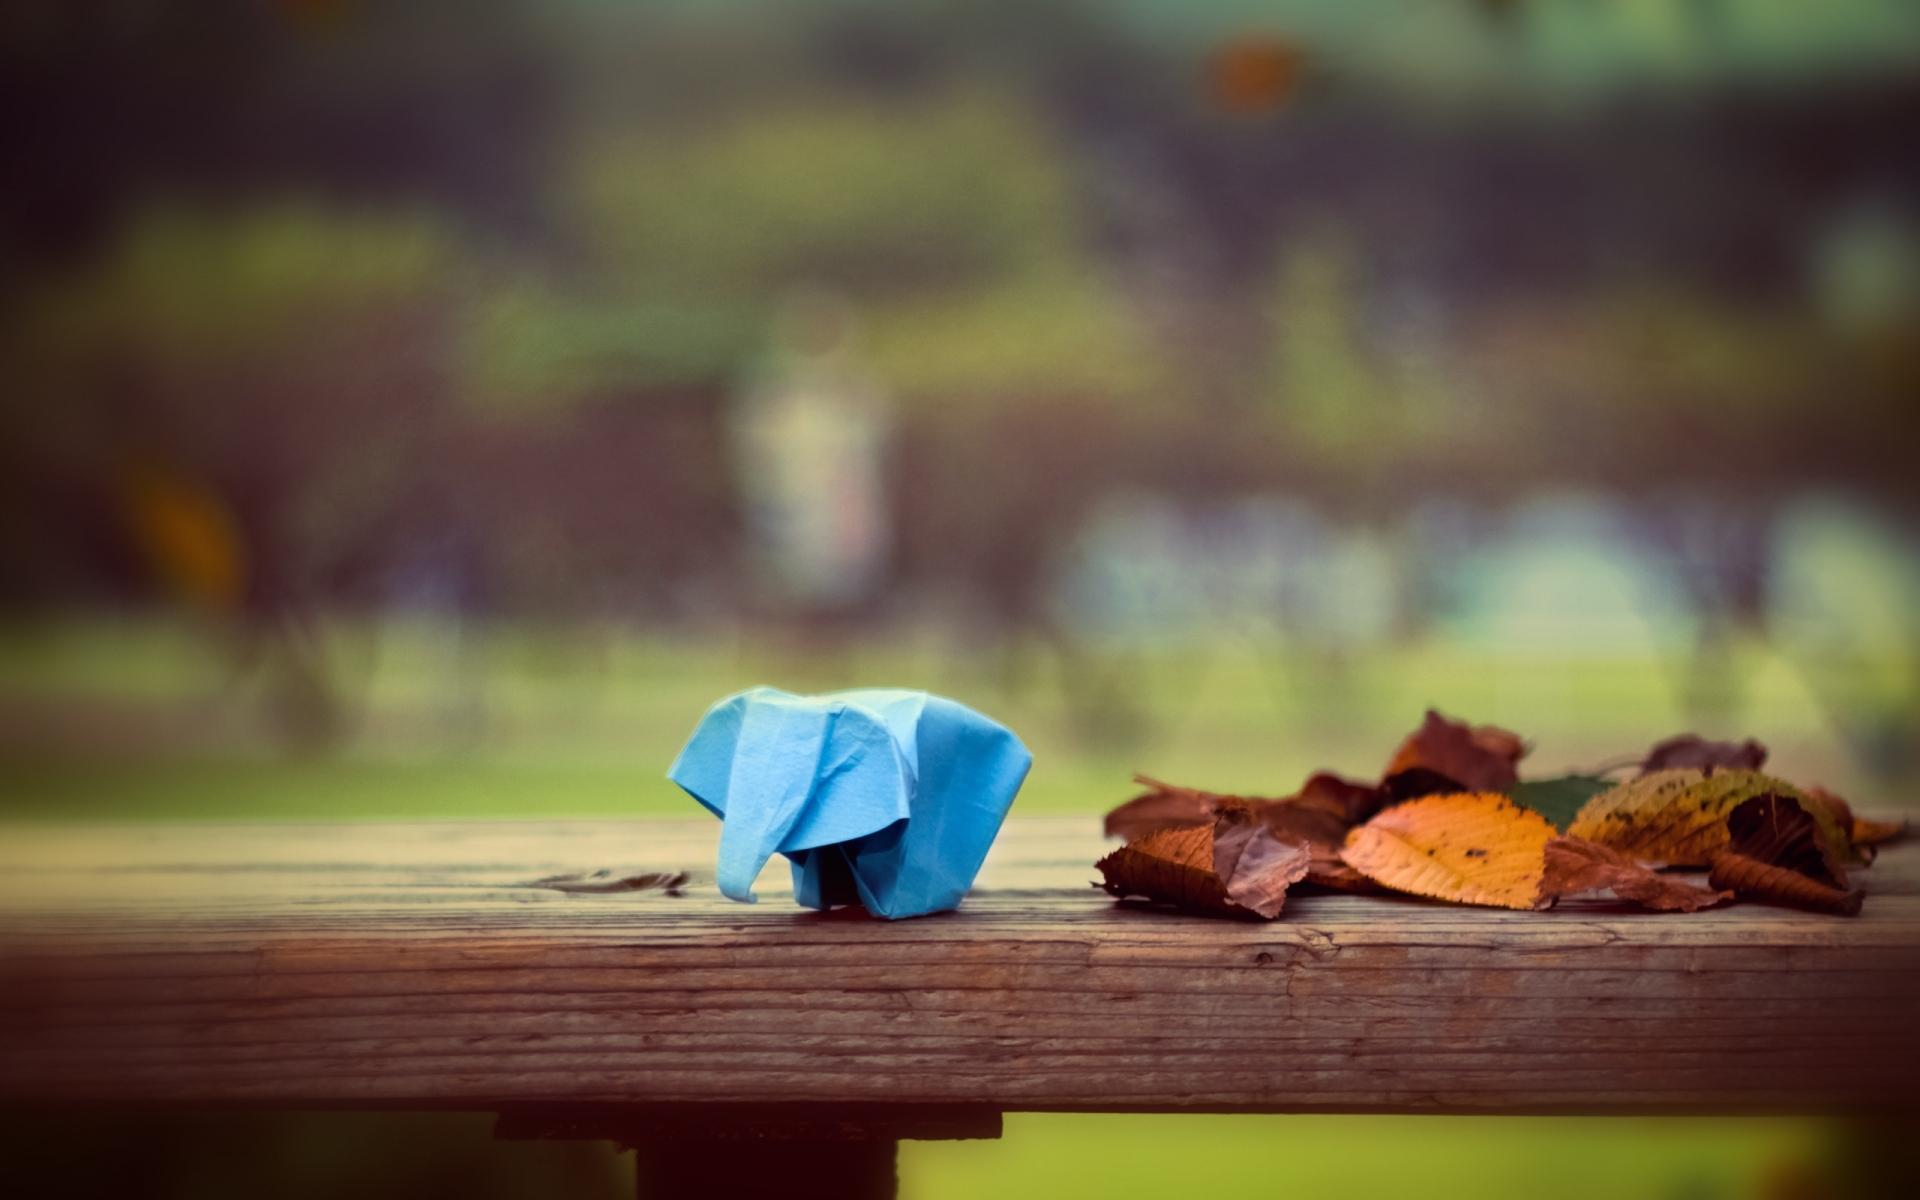 Картинки Бумага, листья, оригами, слон фото и обои на рабочий стол